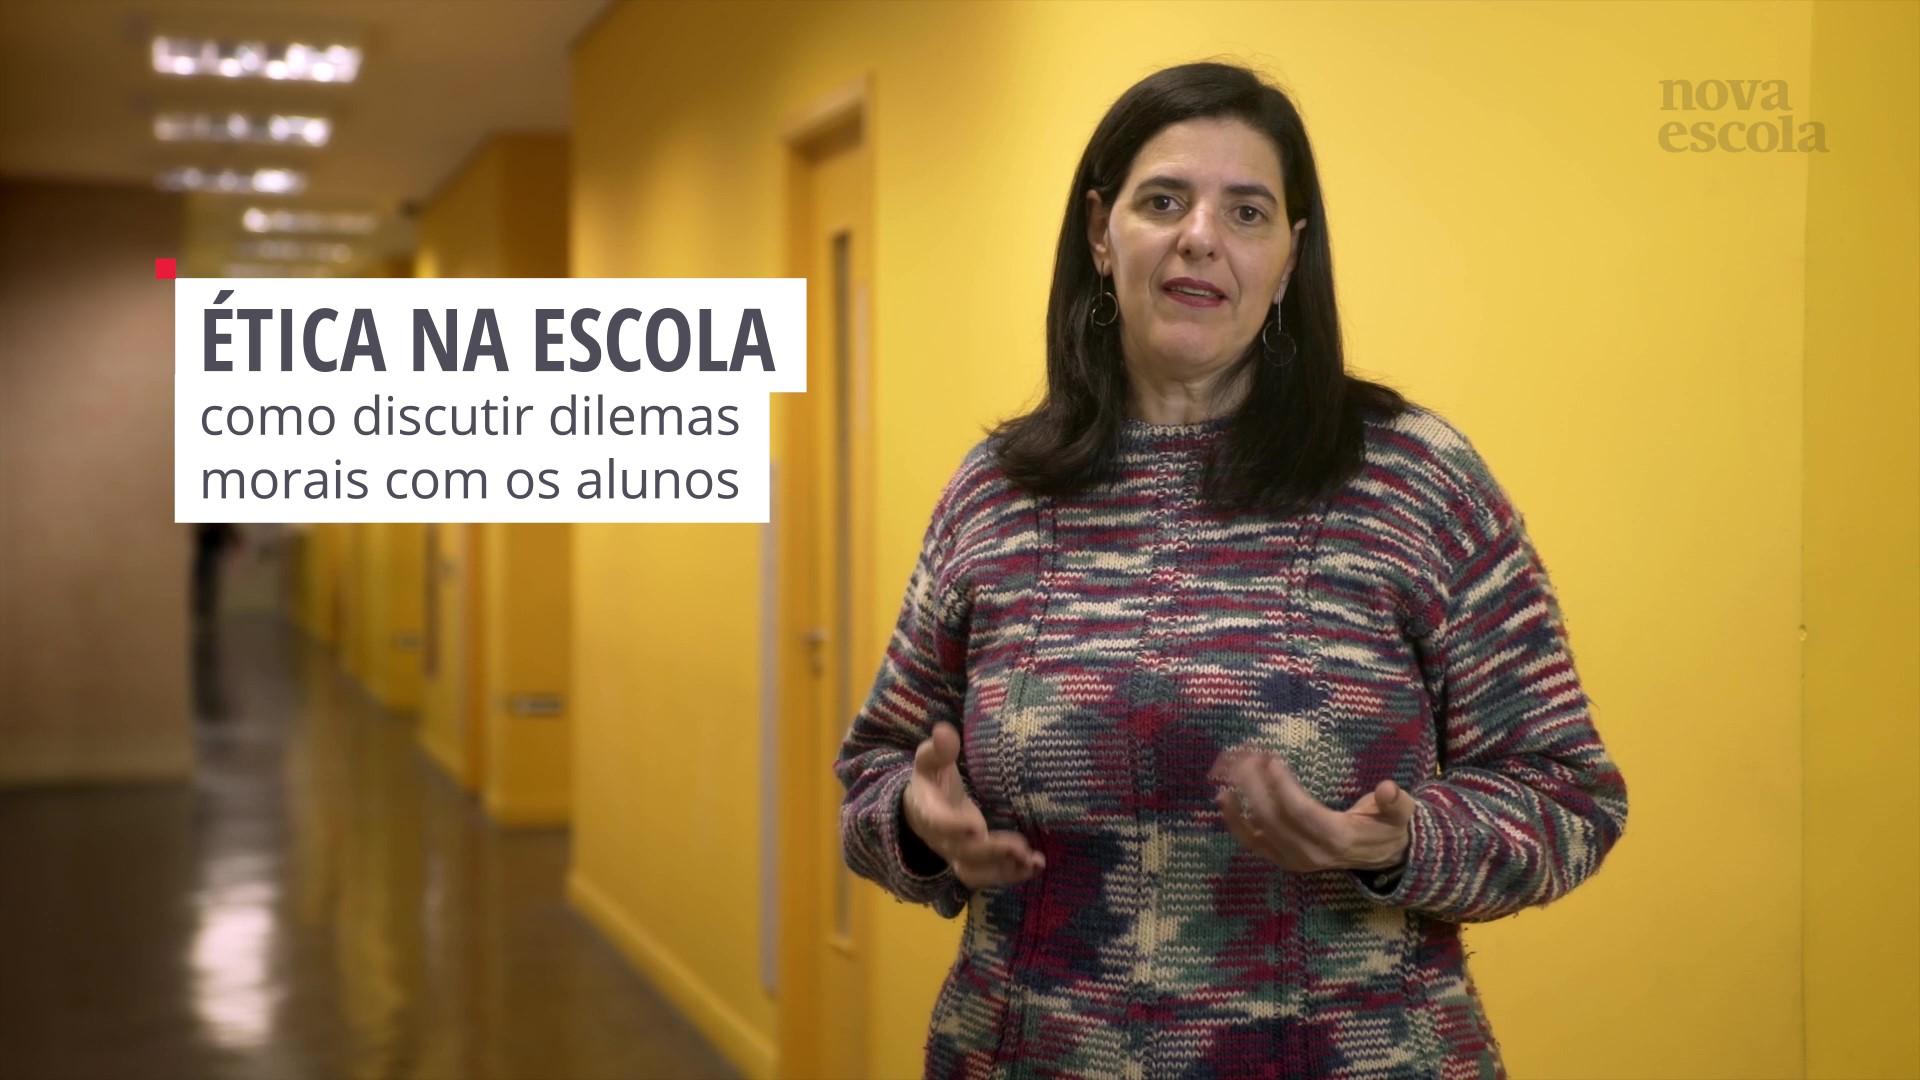 Sonia Maria Pereira Vidigal